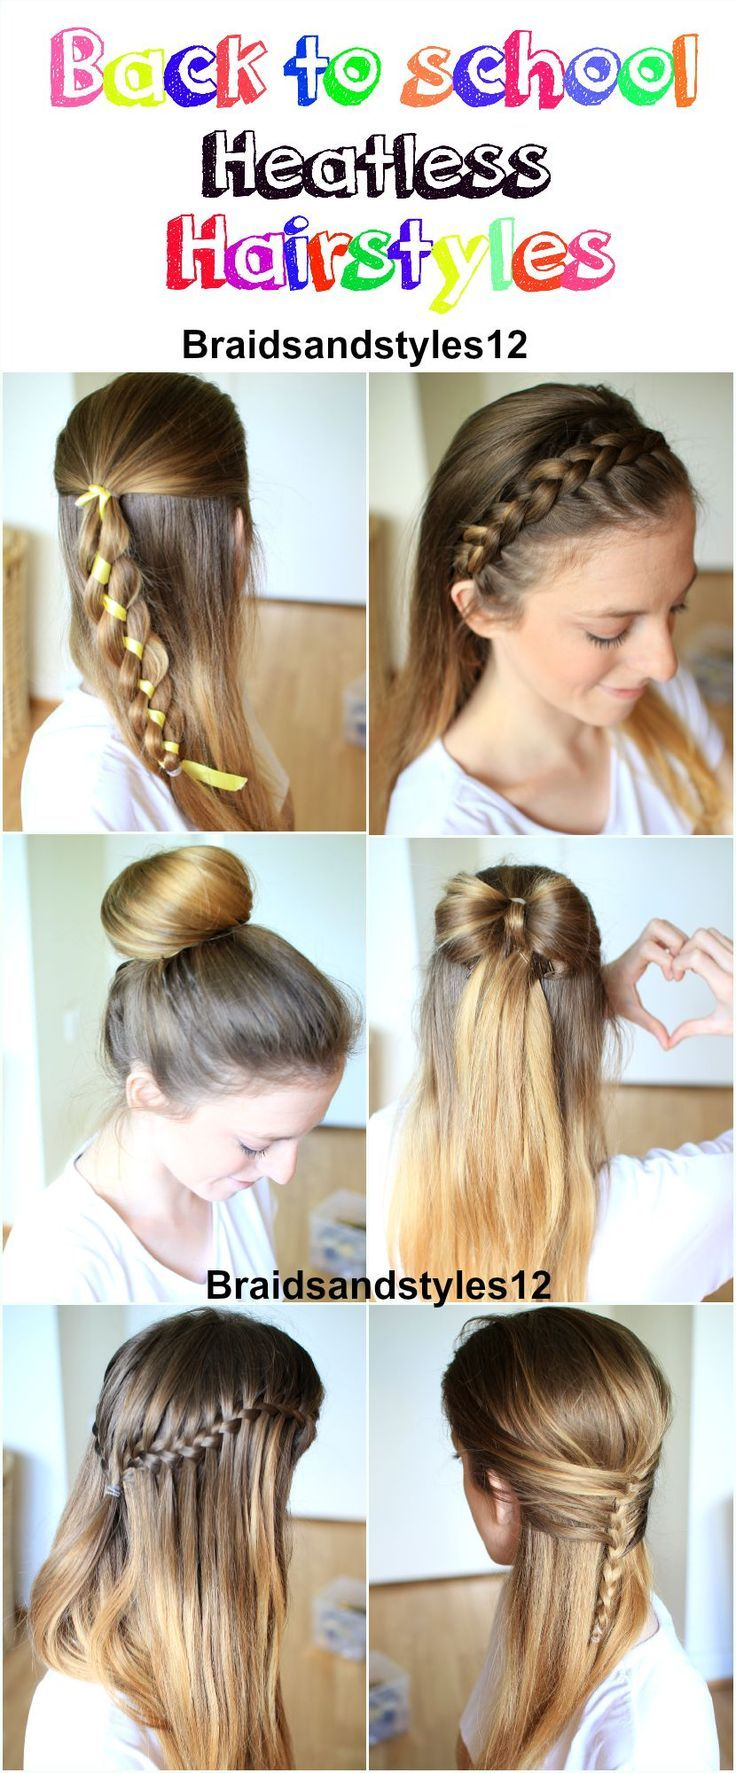 Braidsandstyles12 Heatless hairstyles, Hair lengths